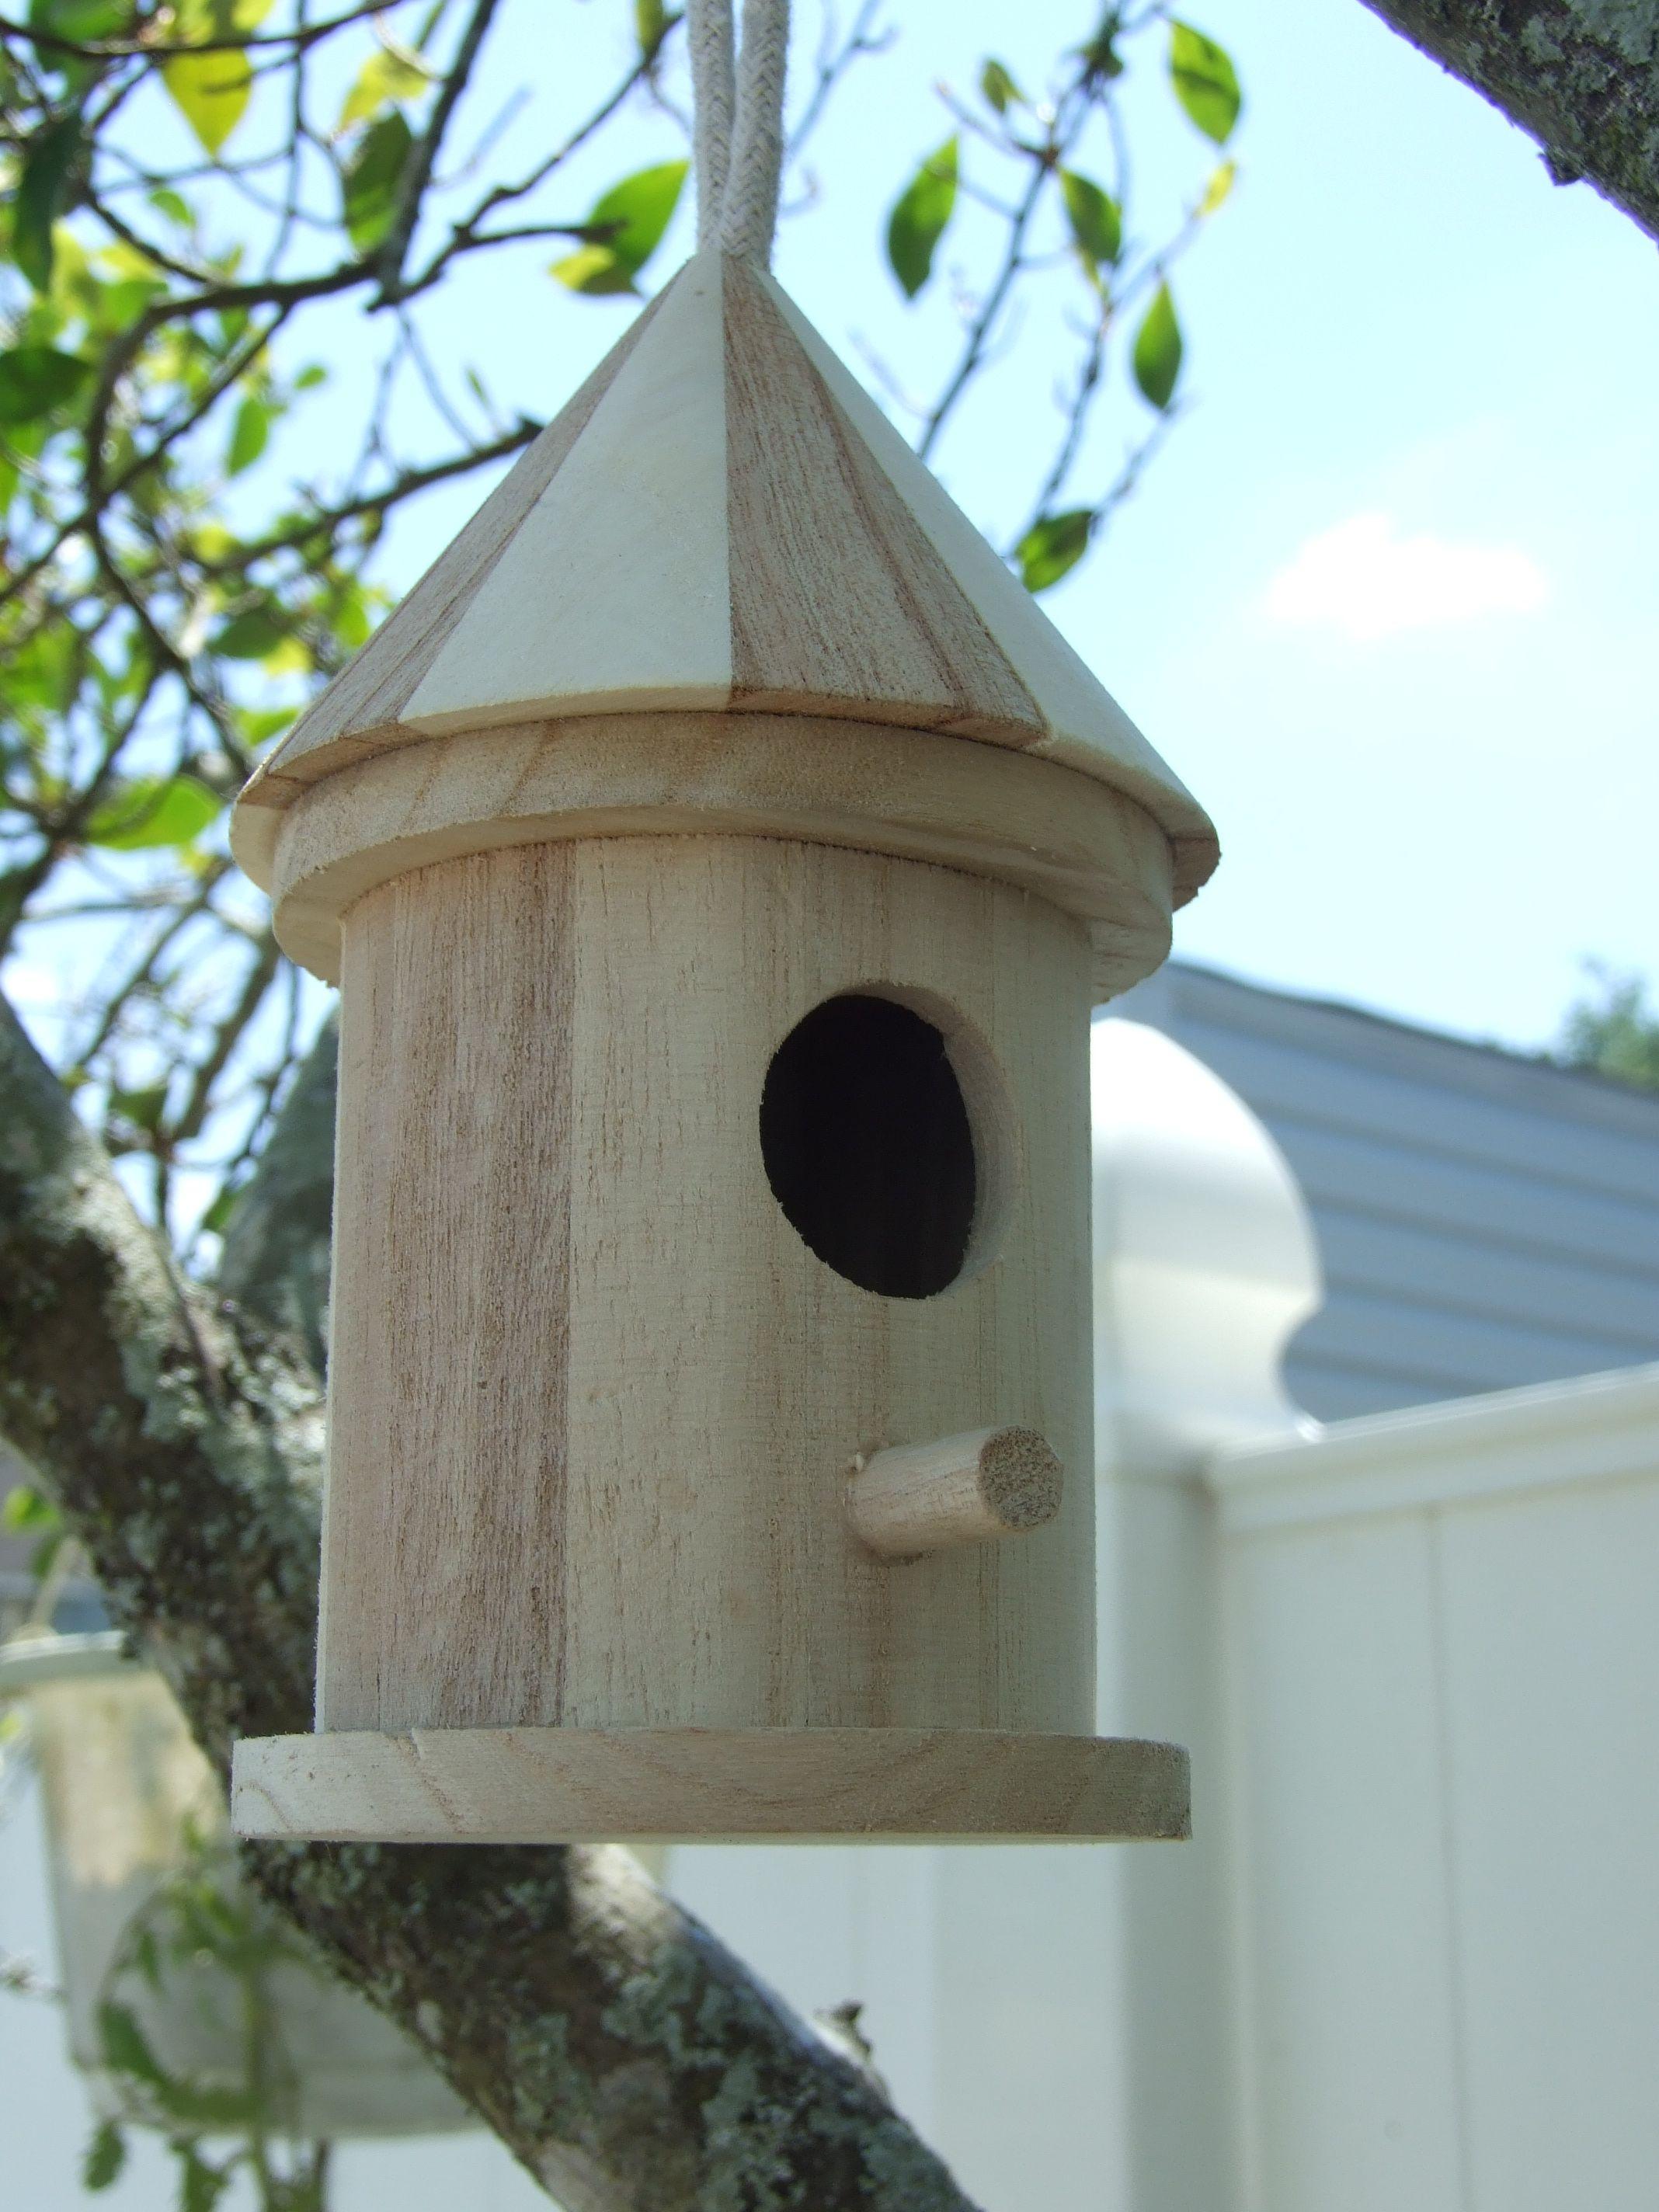 Birdhouse constructed of wood bird house design free standing bird - Free Bird House Plans Bluebird Purple Martin Wren More